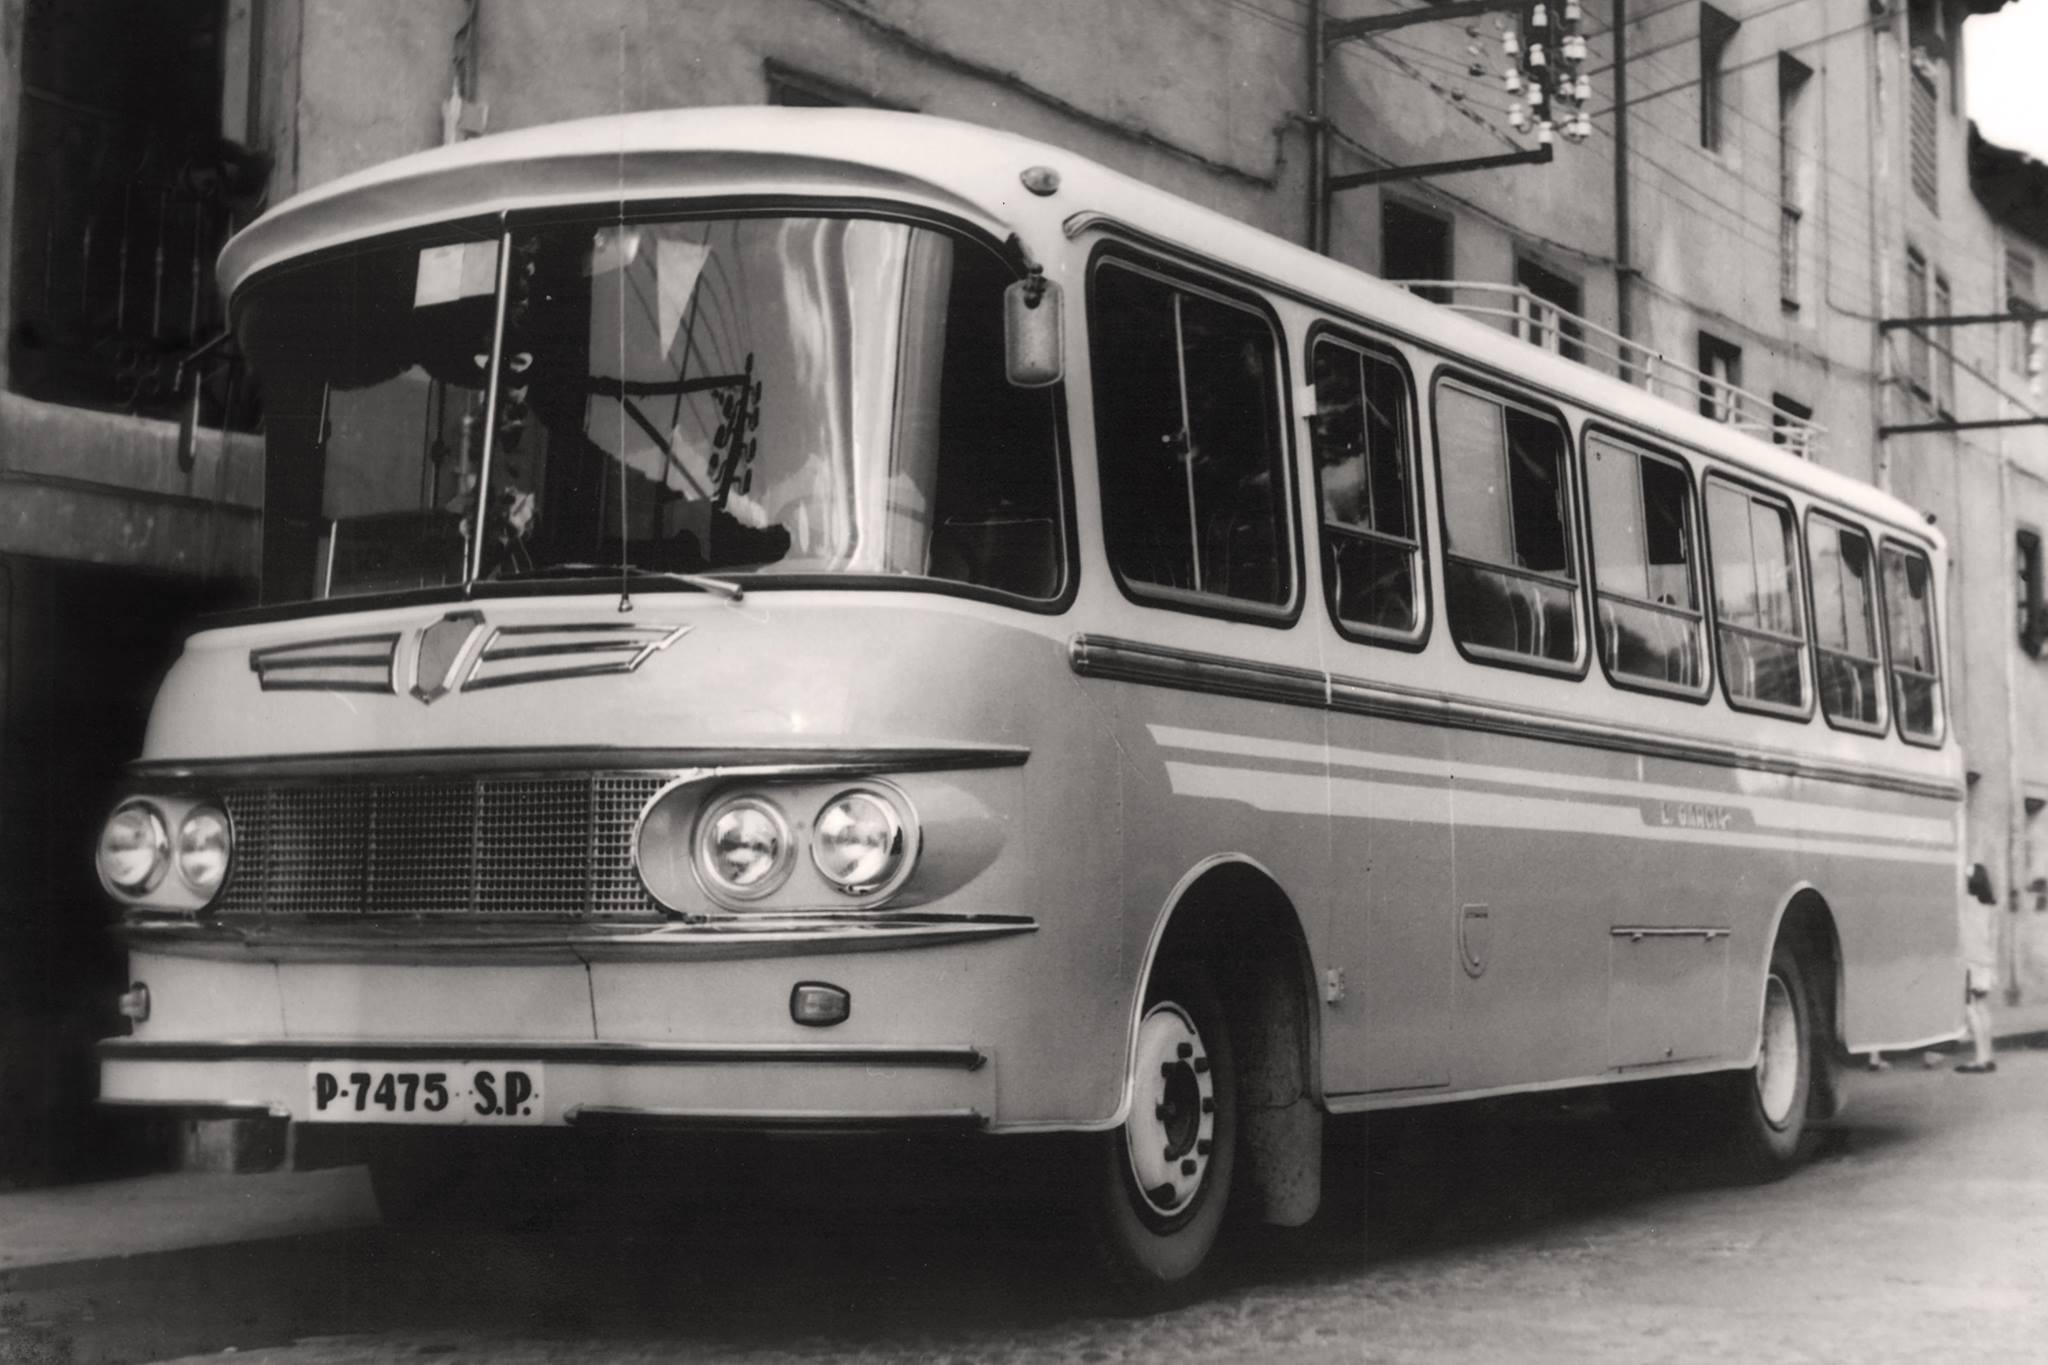 Dit-voertuig--carrosserie-in-het-begin-van-de-jaren-60--was-voor-het-bedrijf-cantabrische-l--Garcia